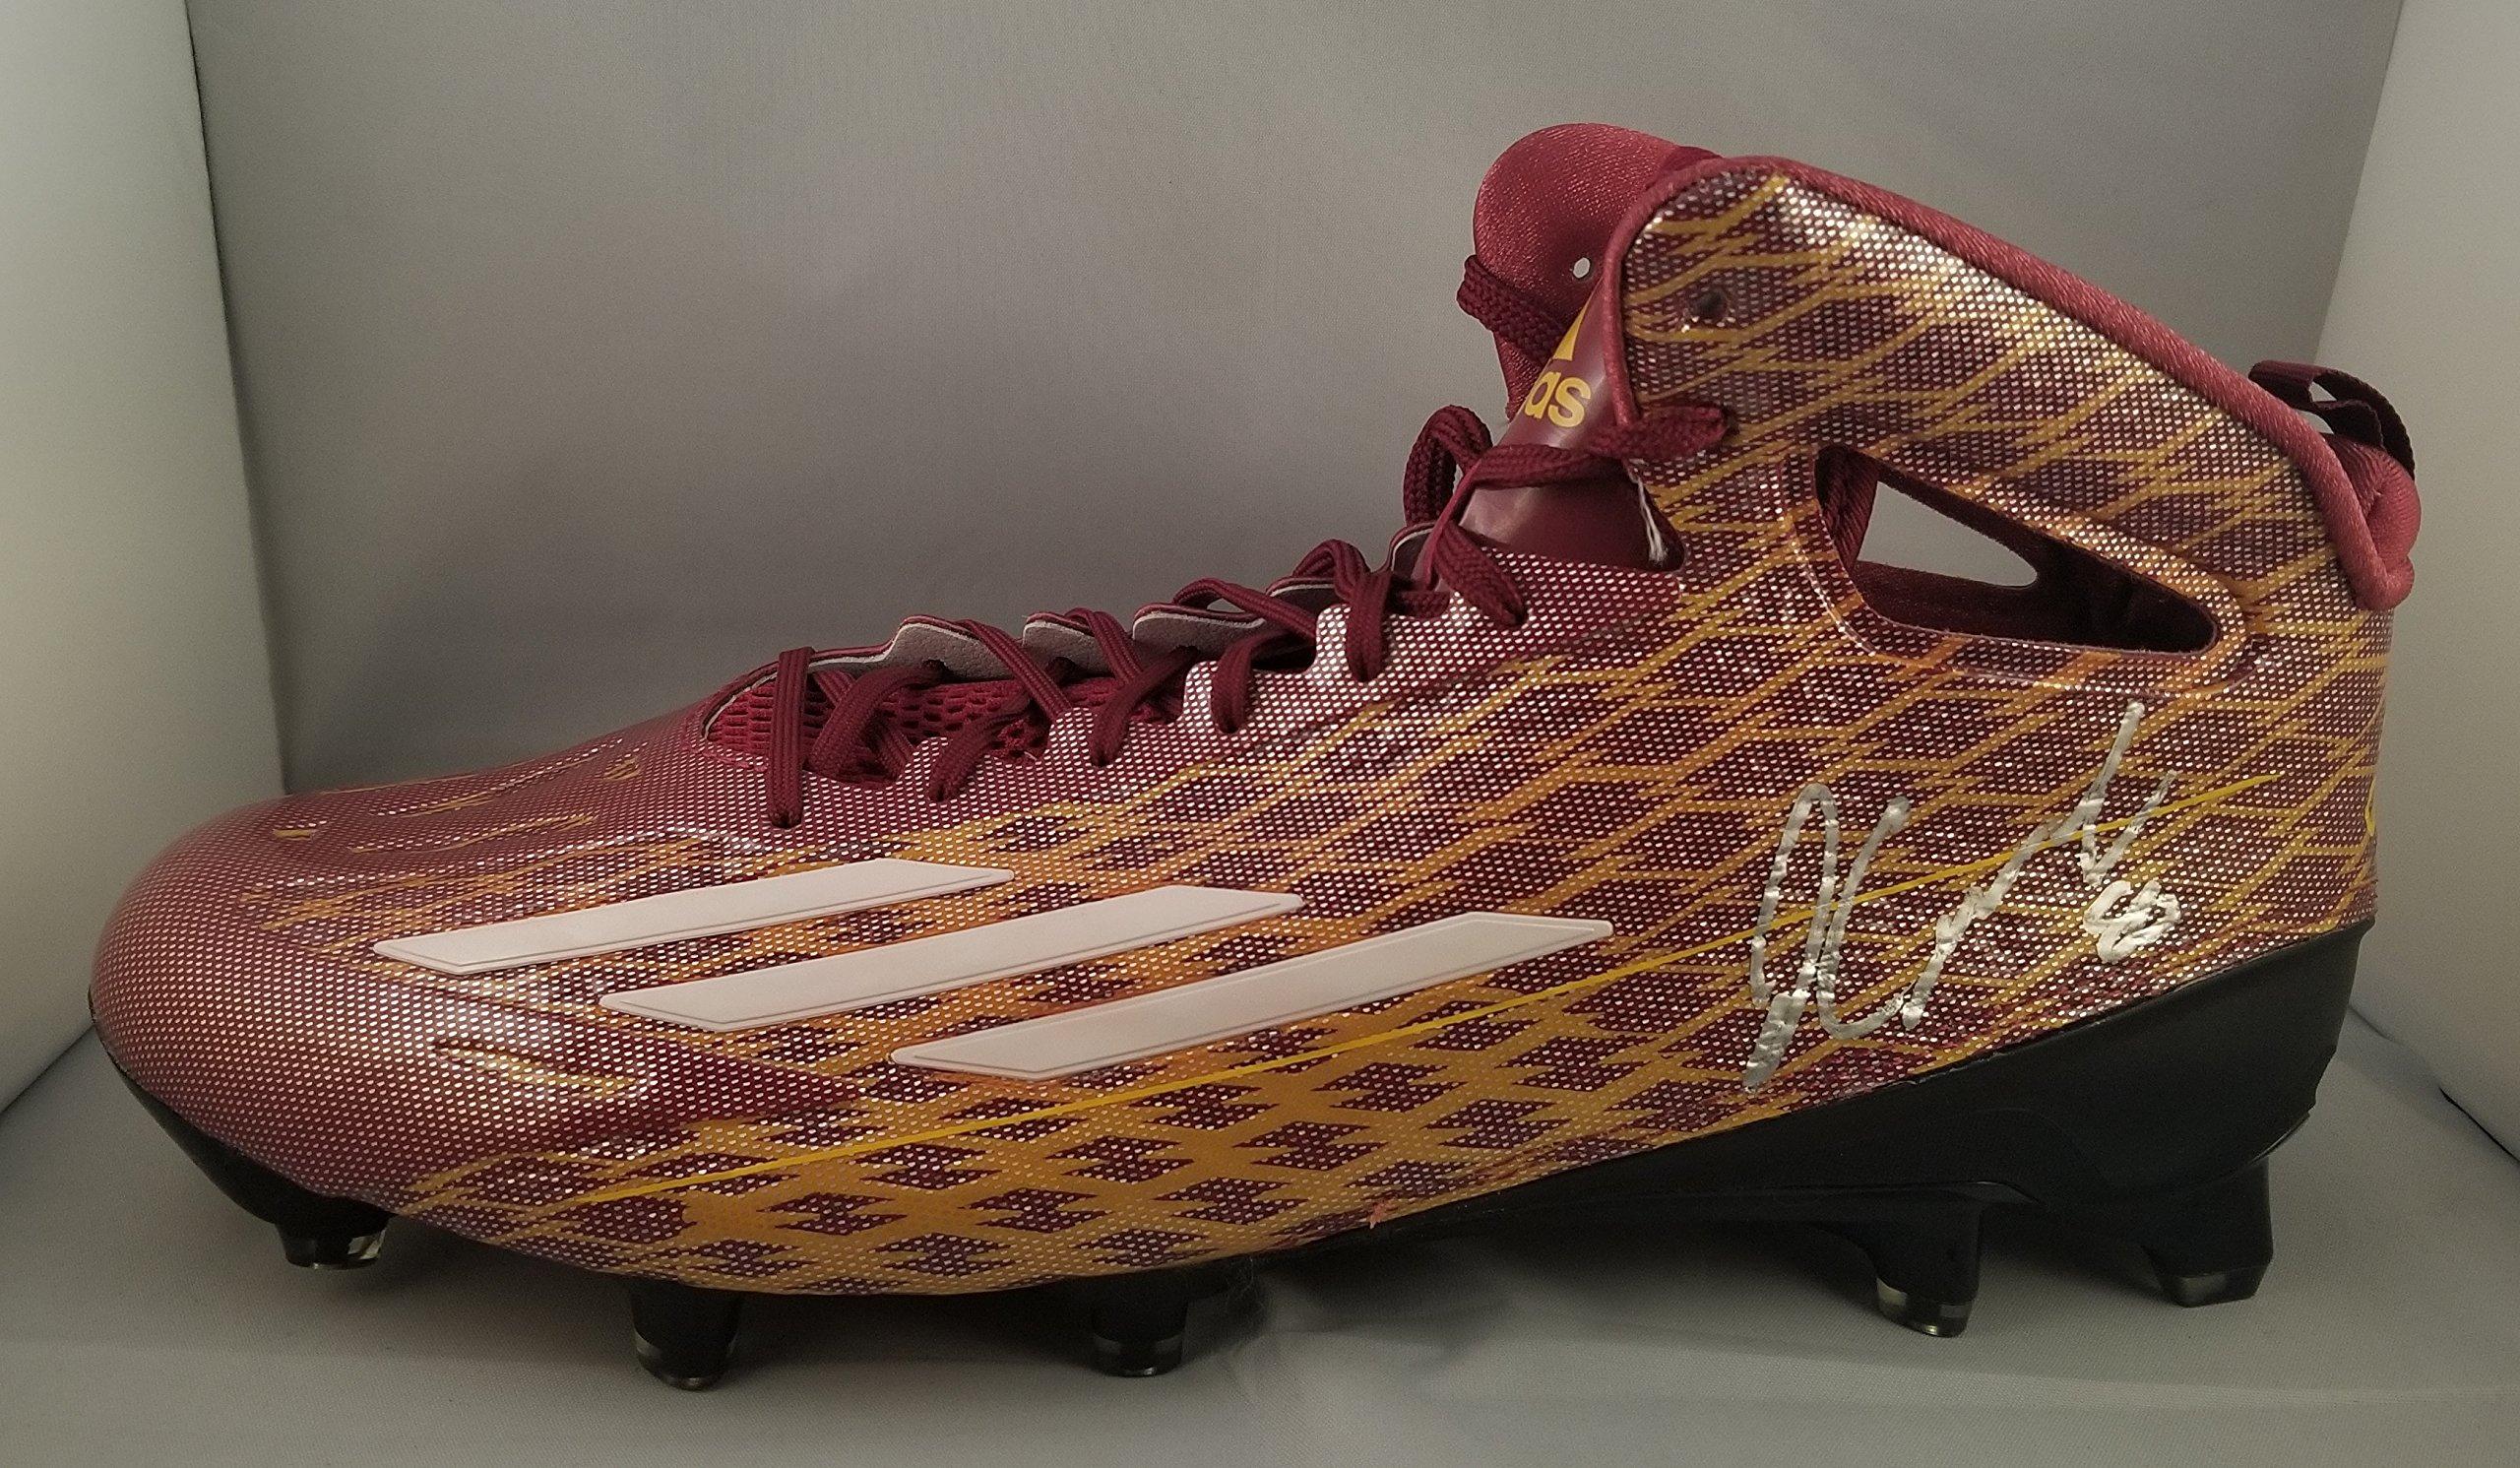 Jamison Crowder Autographed Signed Adidas Cleat Washington Redskins JSA